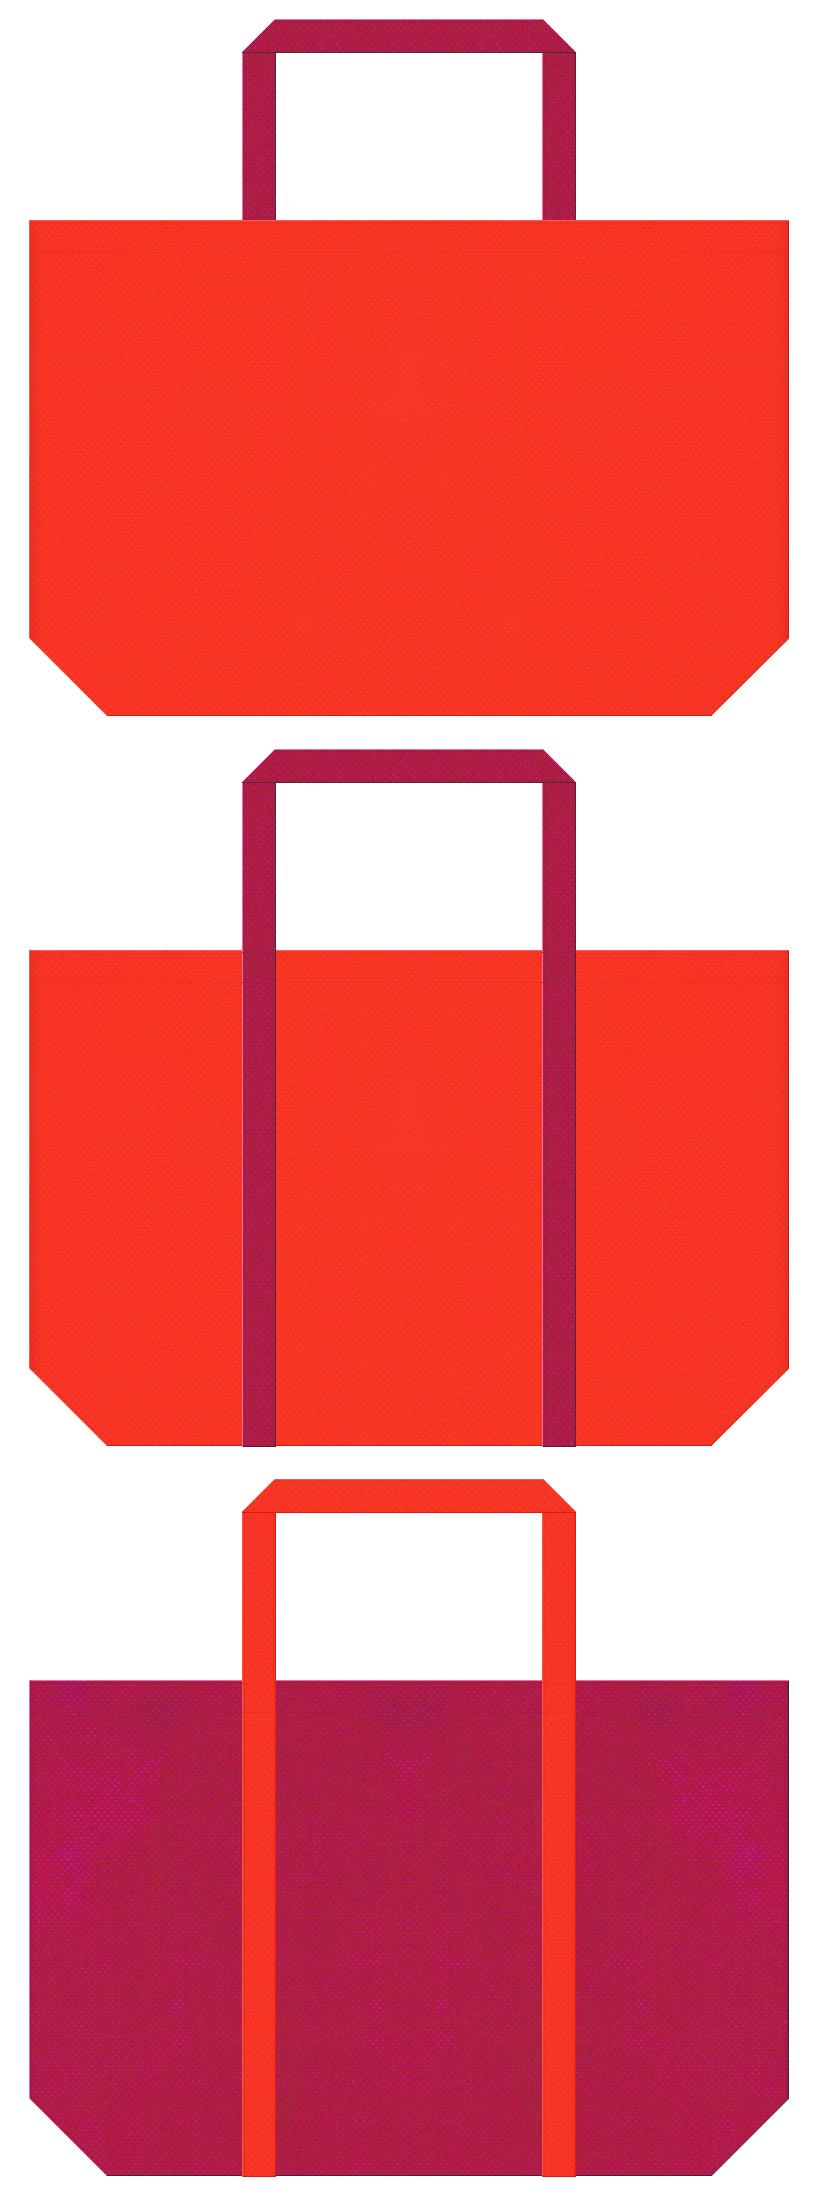 トロピカル・南国リゾート・トラベルバッグ・カクテル・フルーツのショッピングバッグにお奨めの不織布バッグデザイン:オレンジ色と濃いピンク色のコーデ